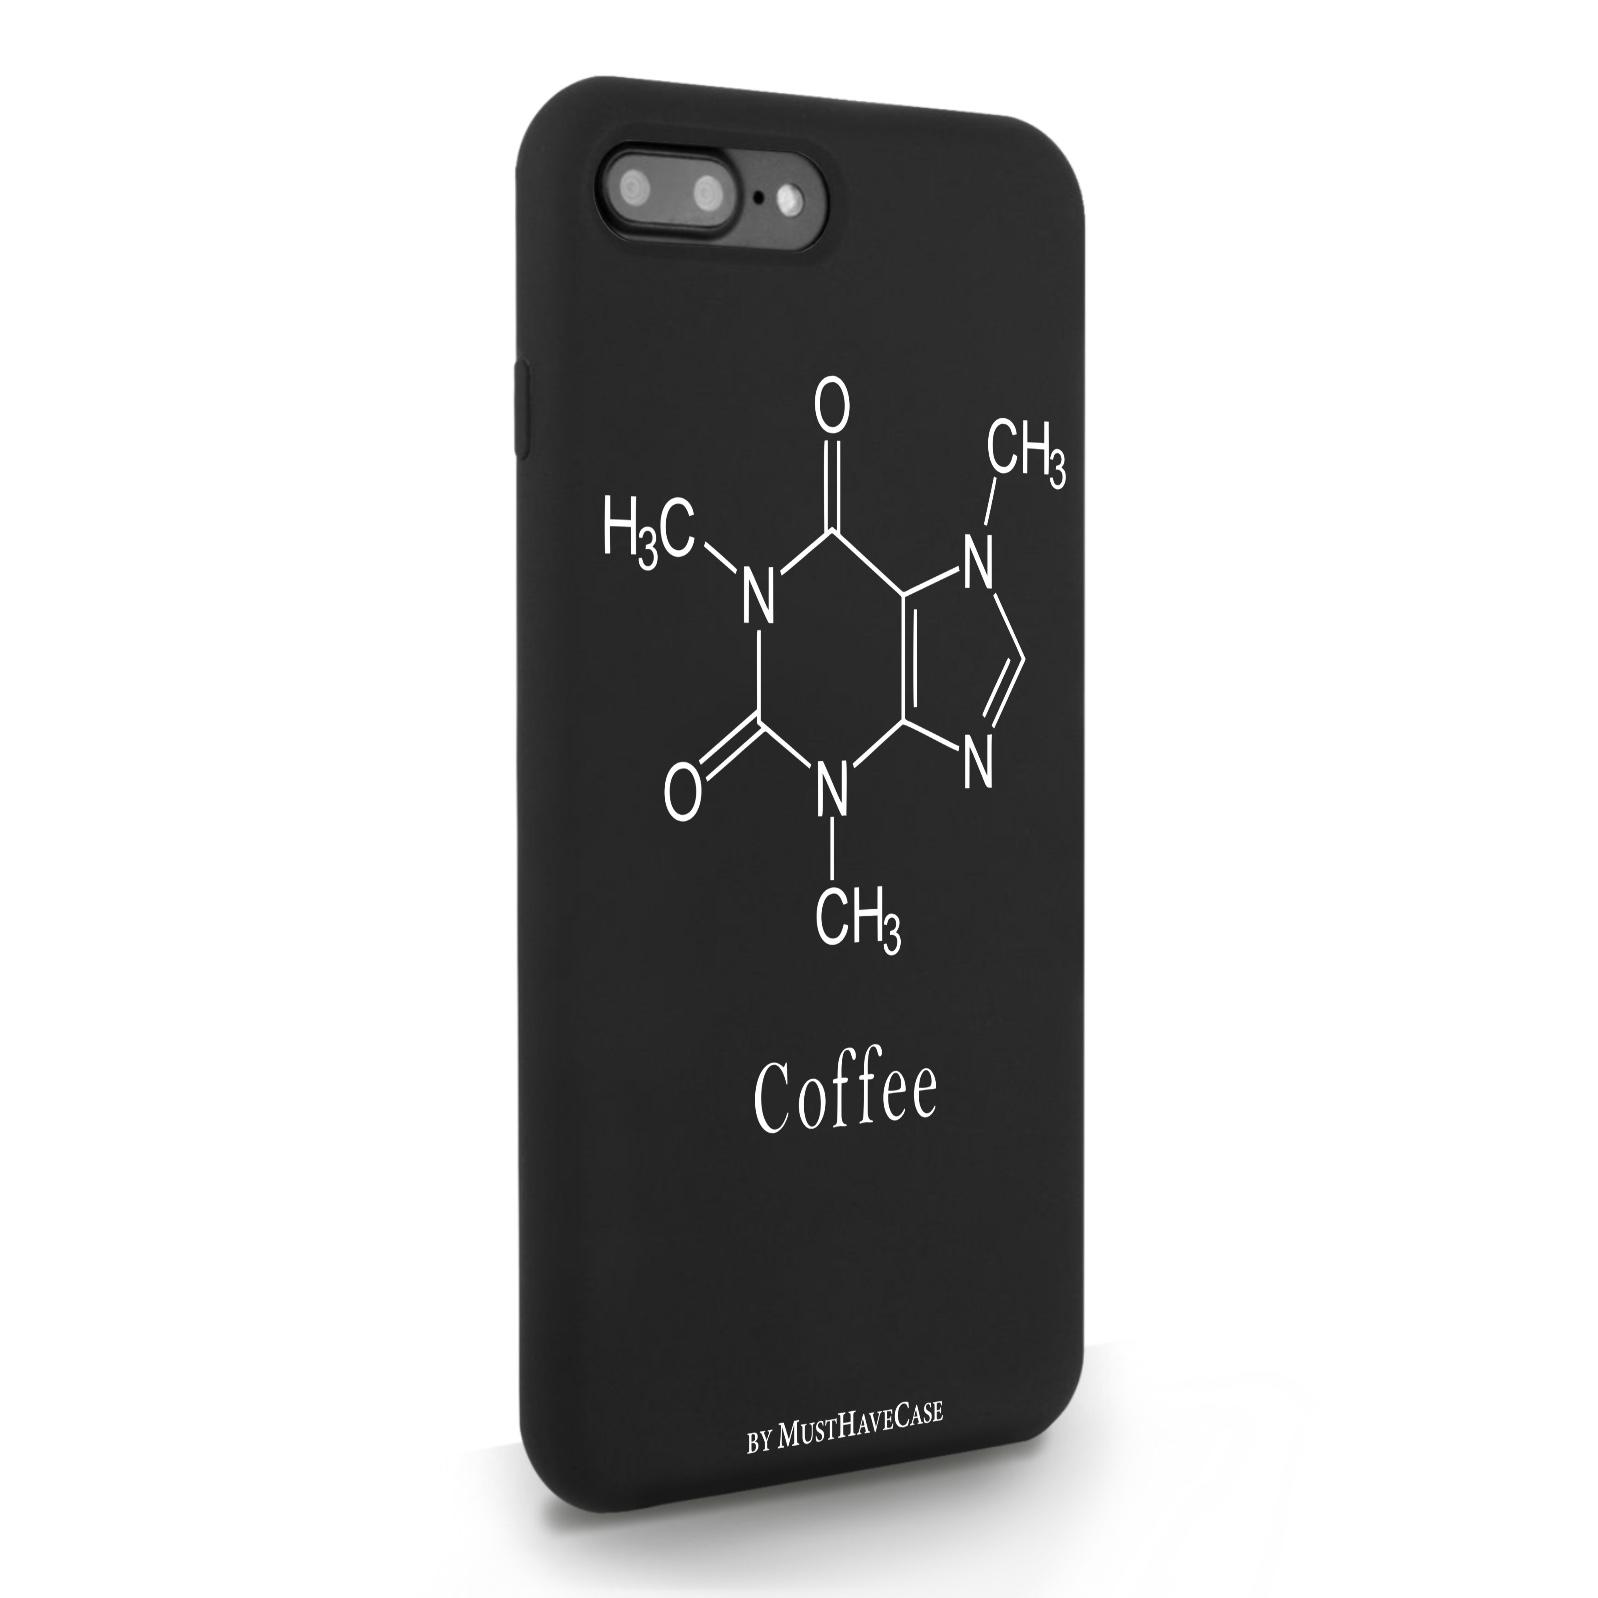 Черный силиконовый чехол для iPhone 7/8 Plus Молекула кофе для Айфон 7/8 Плюс